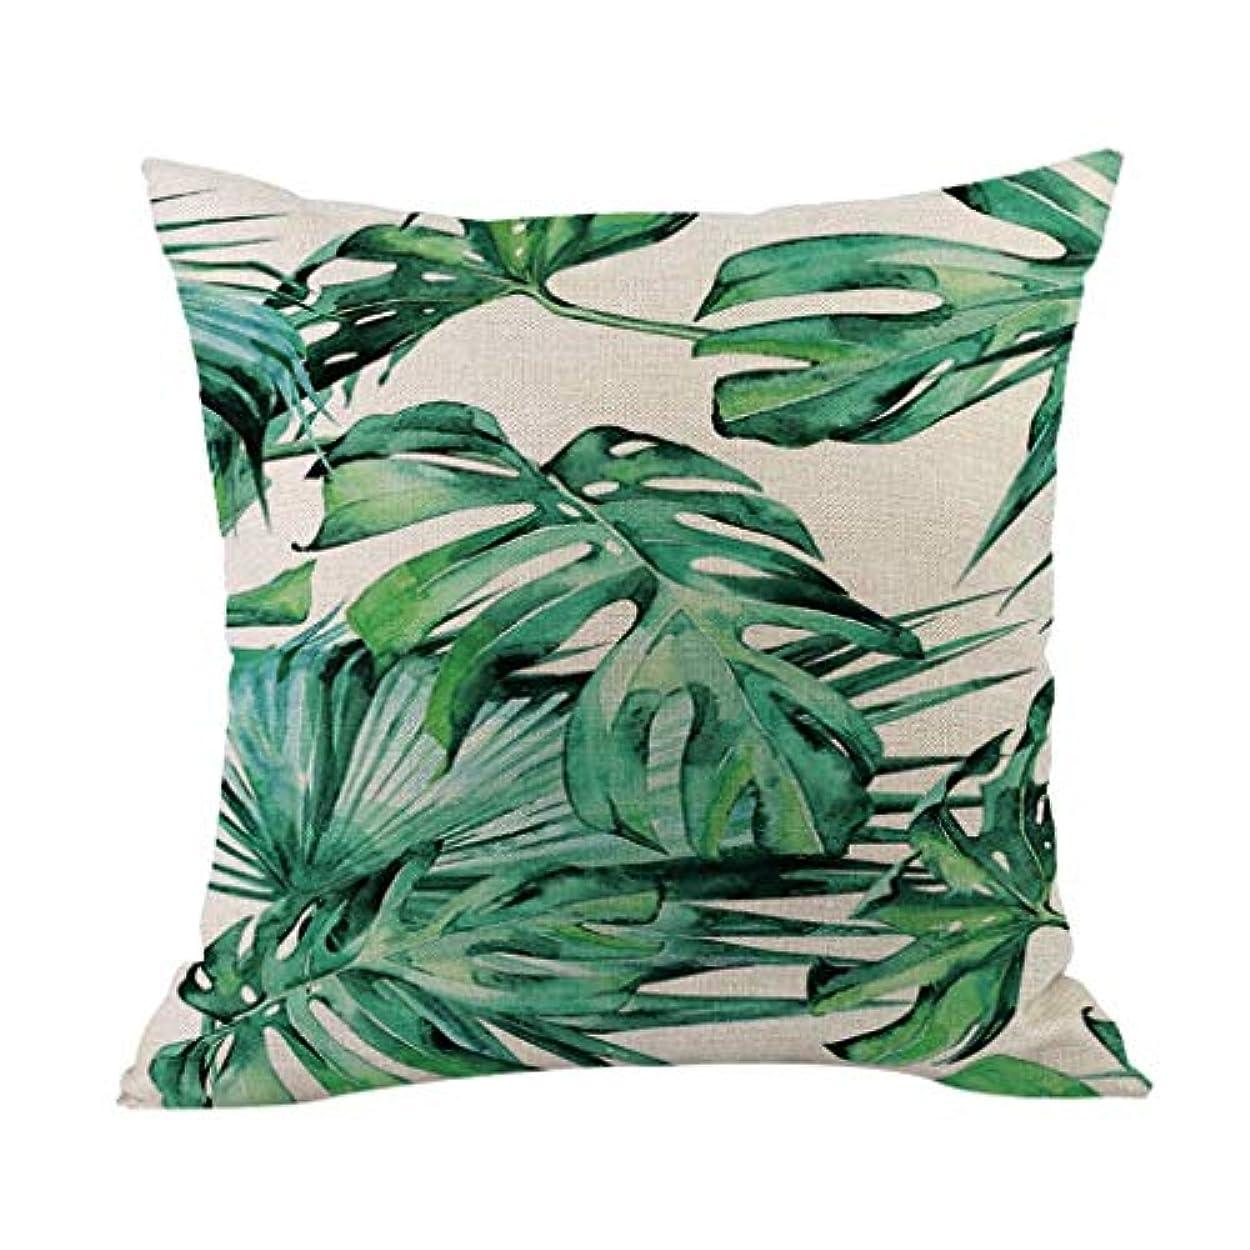 宿題未満望まないLIFE 高品質クッション熱帯植物ポリエステル枕ソファ投げるパッドセットホーム人格クッション coussin decoratif クッション 椅子